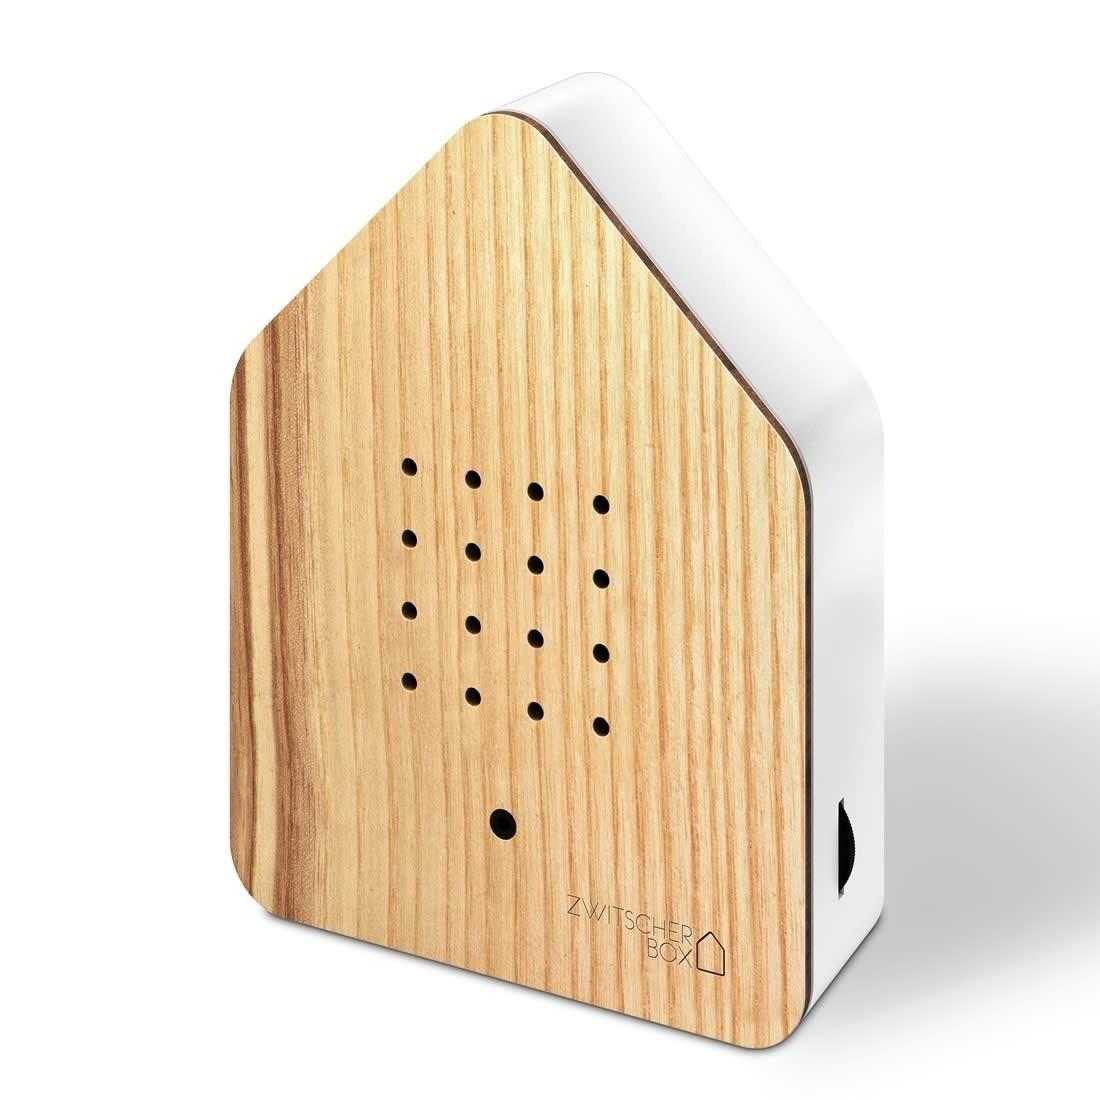 Zwitscherbox Wood